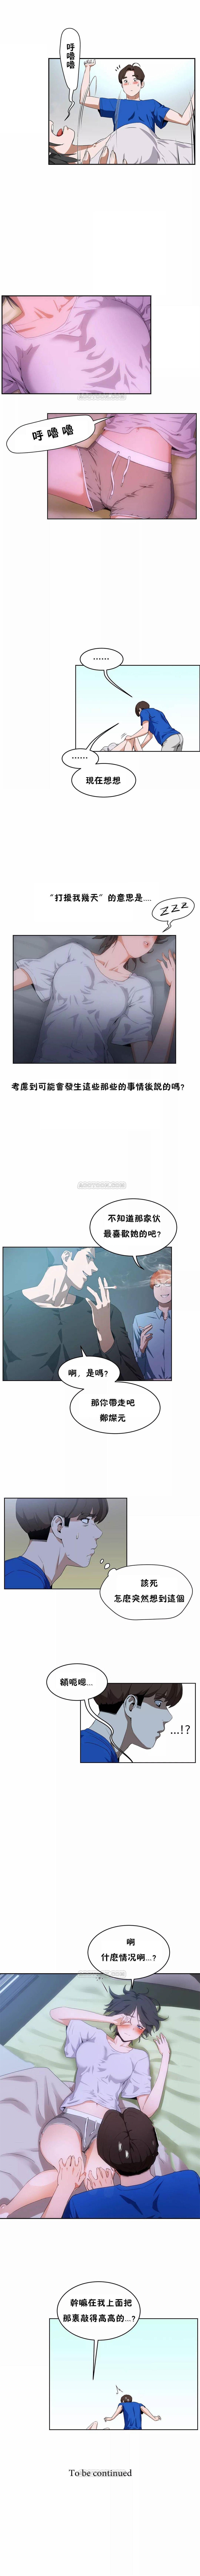 性教育 1-48.5 中文翻译(完結) 319